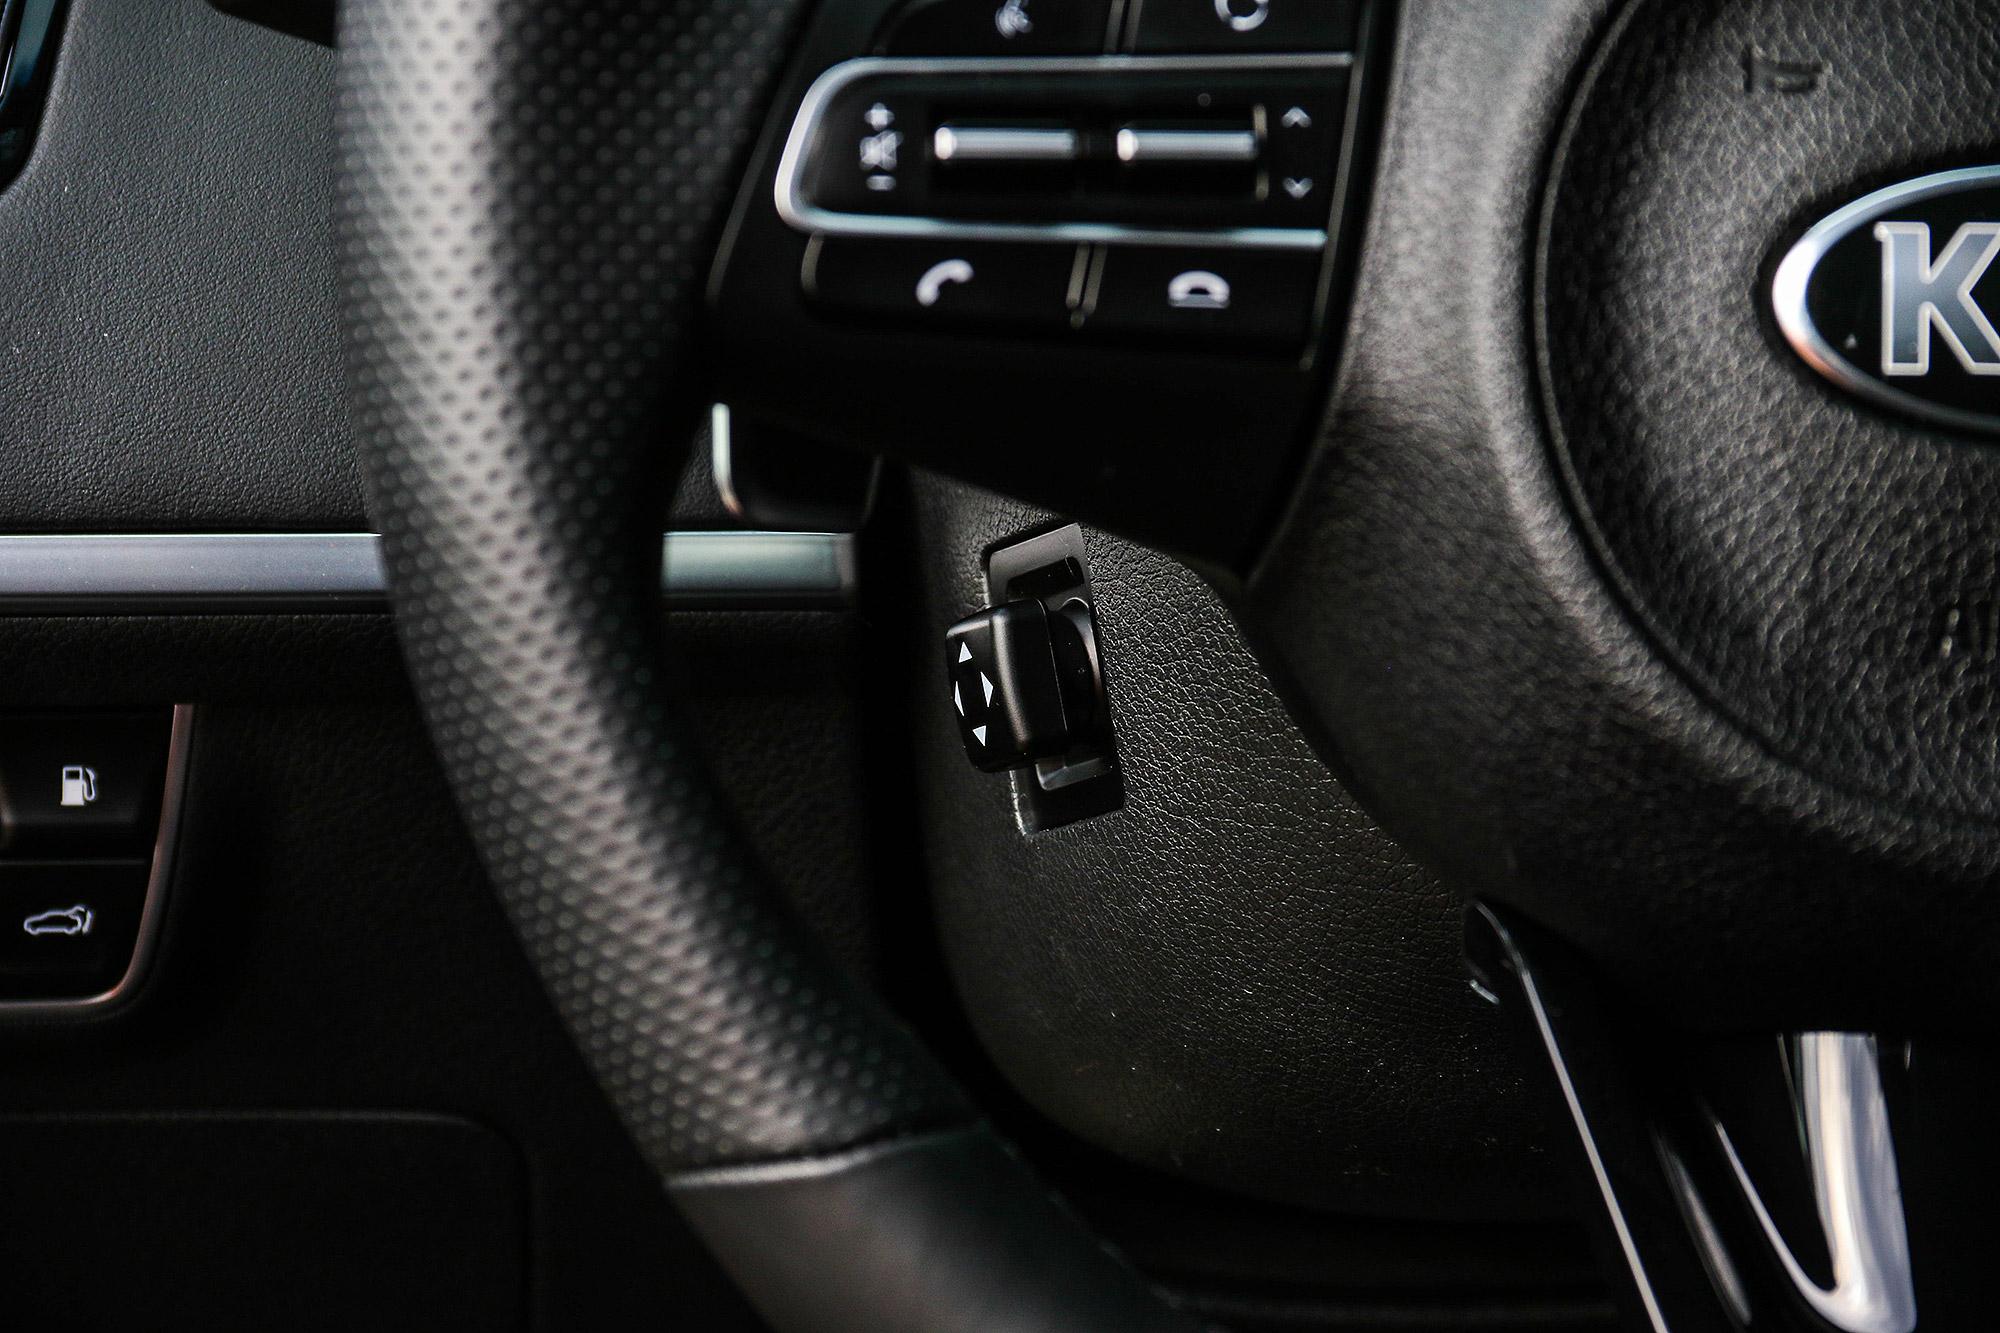 方向盤具備四向電動調整功能。